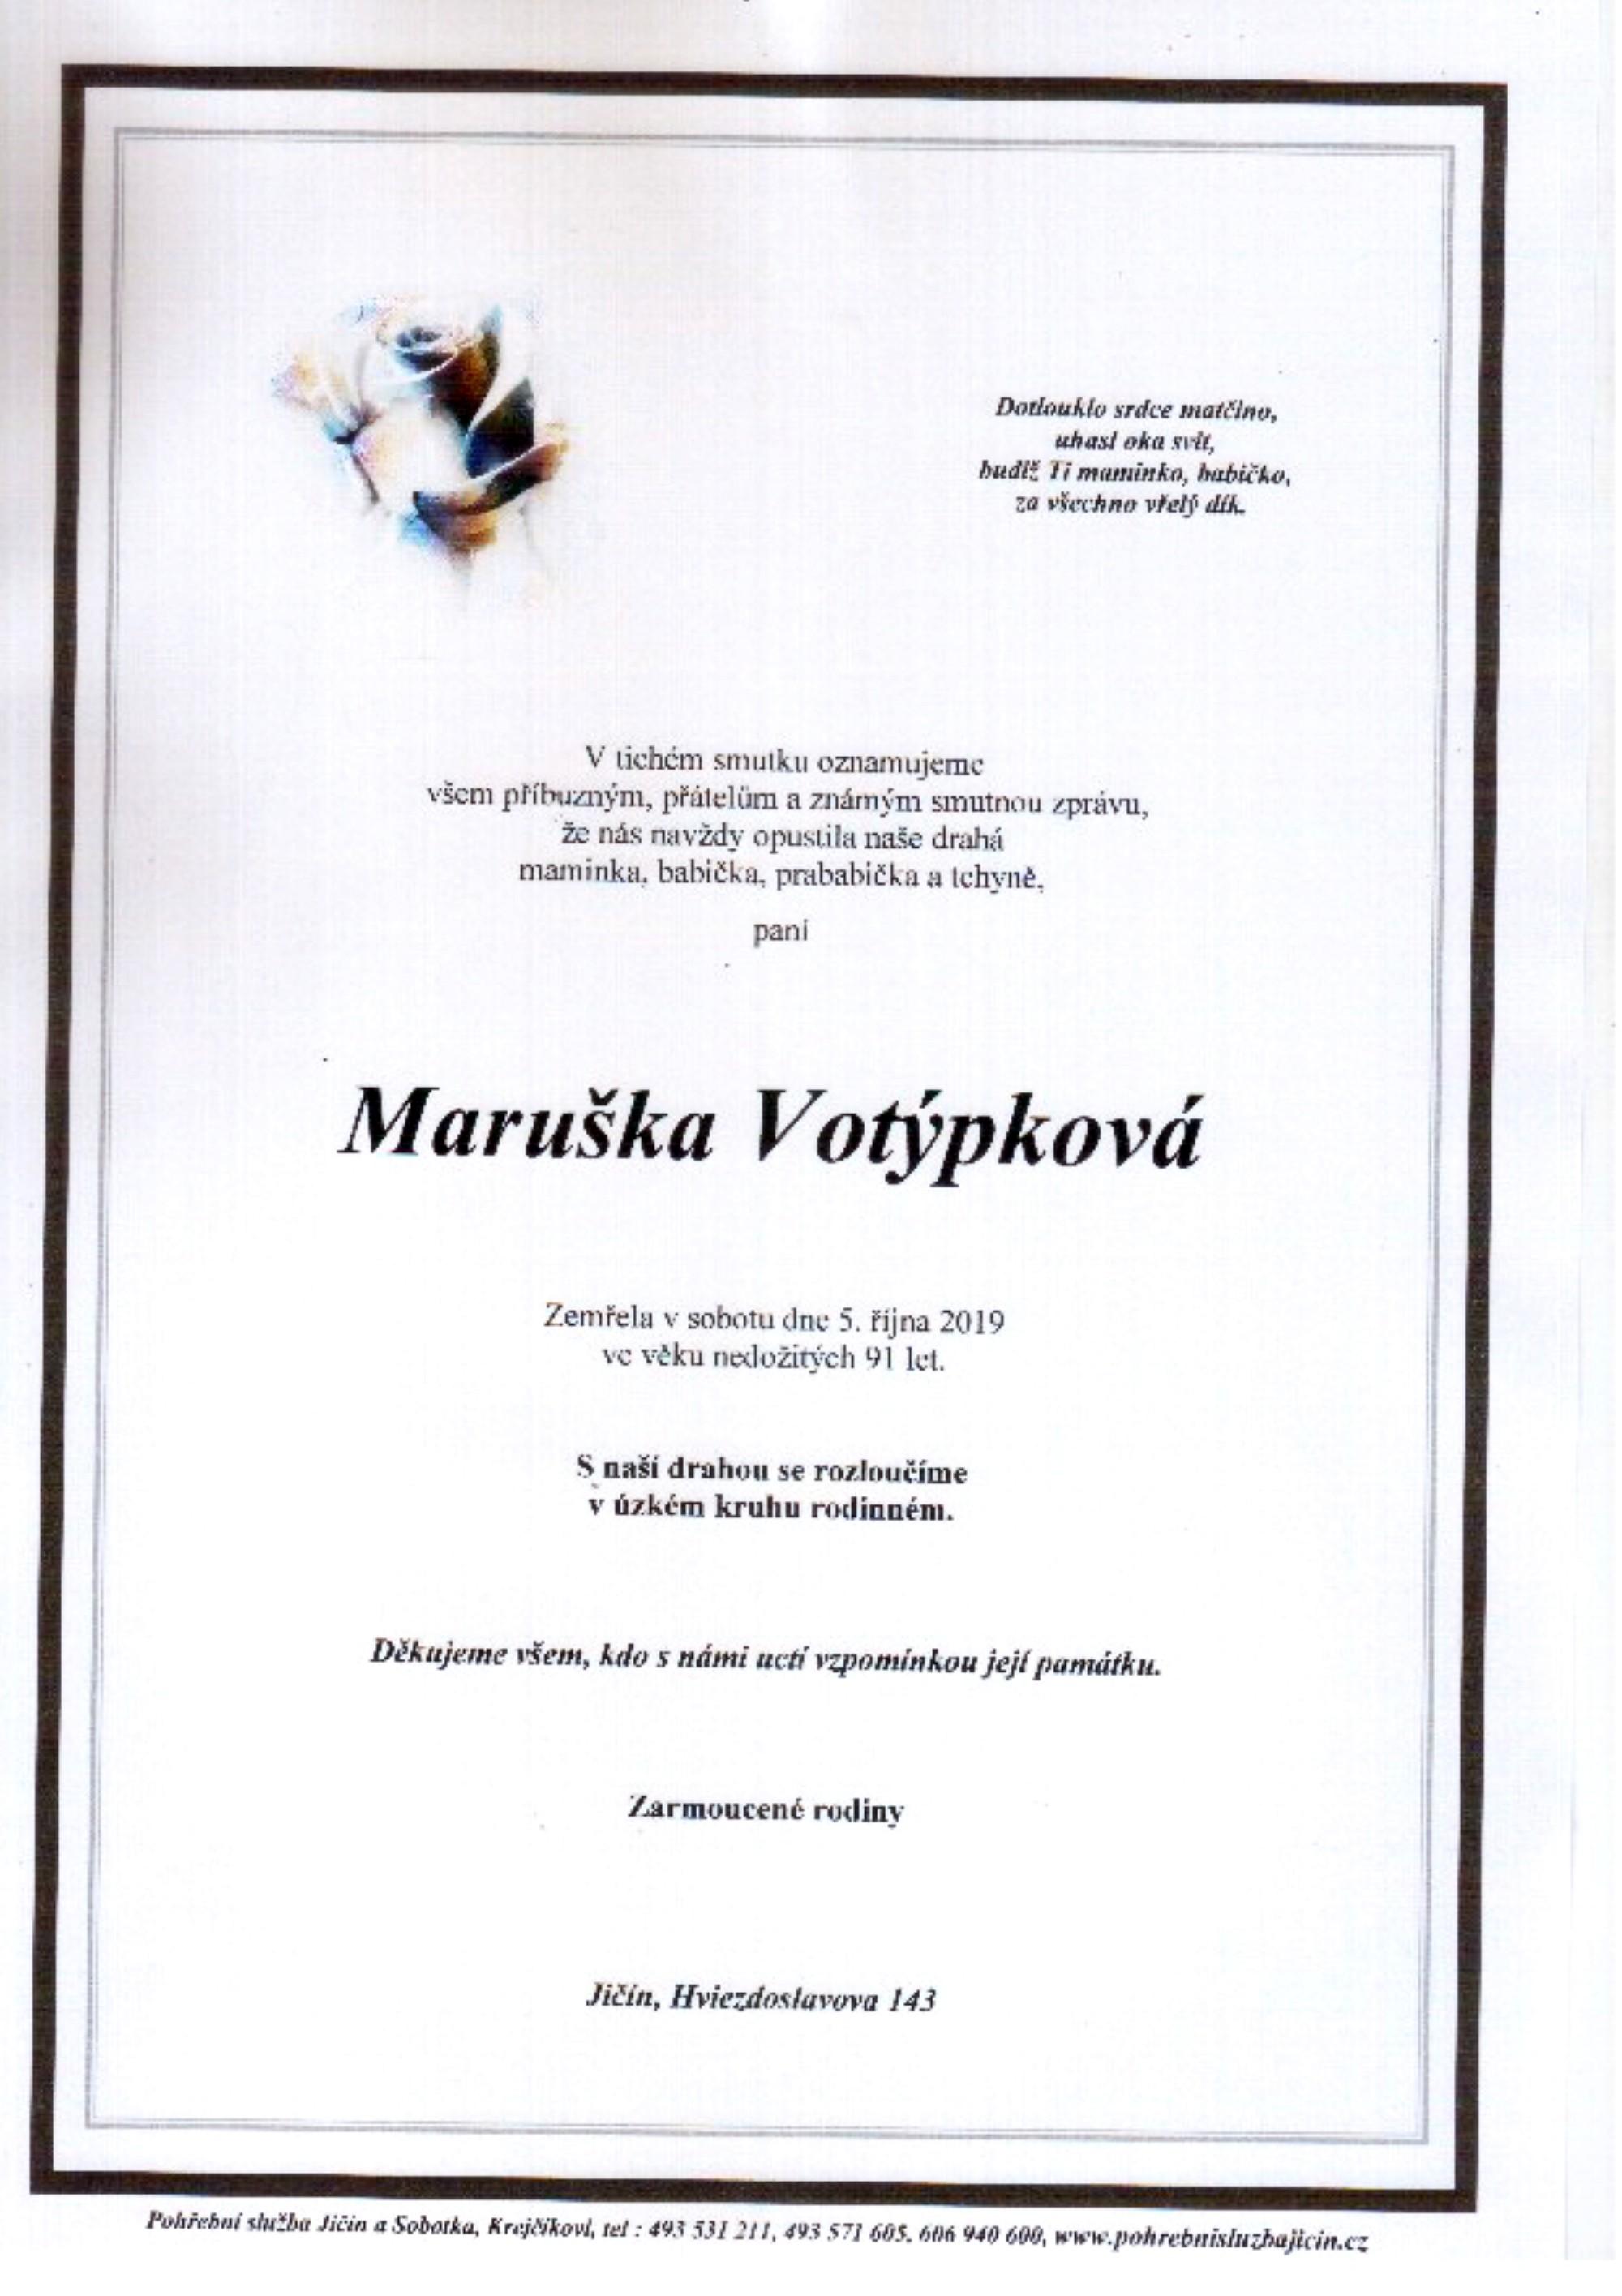 Maruška Votýpková